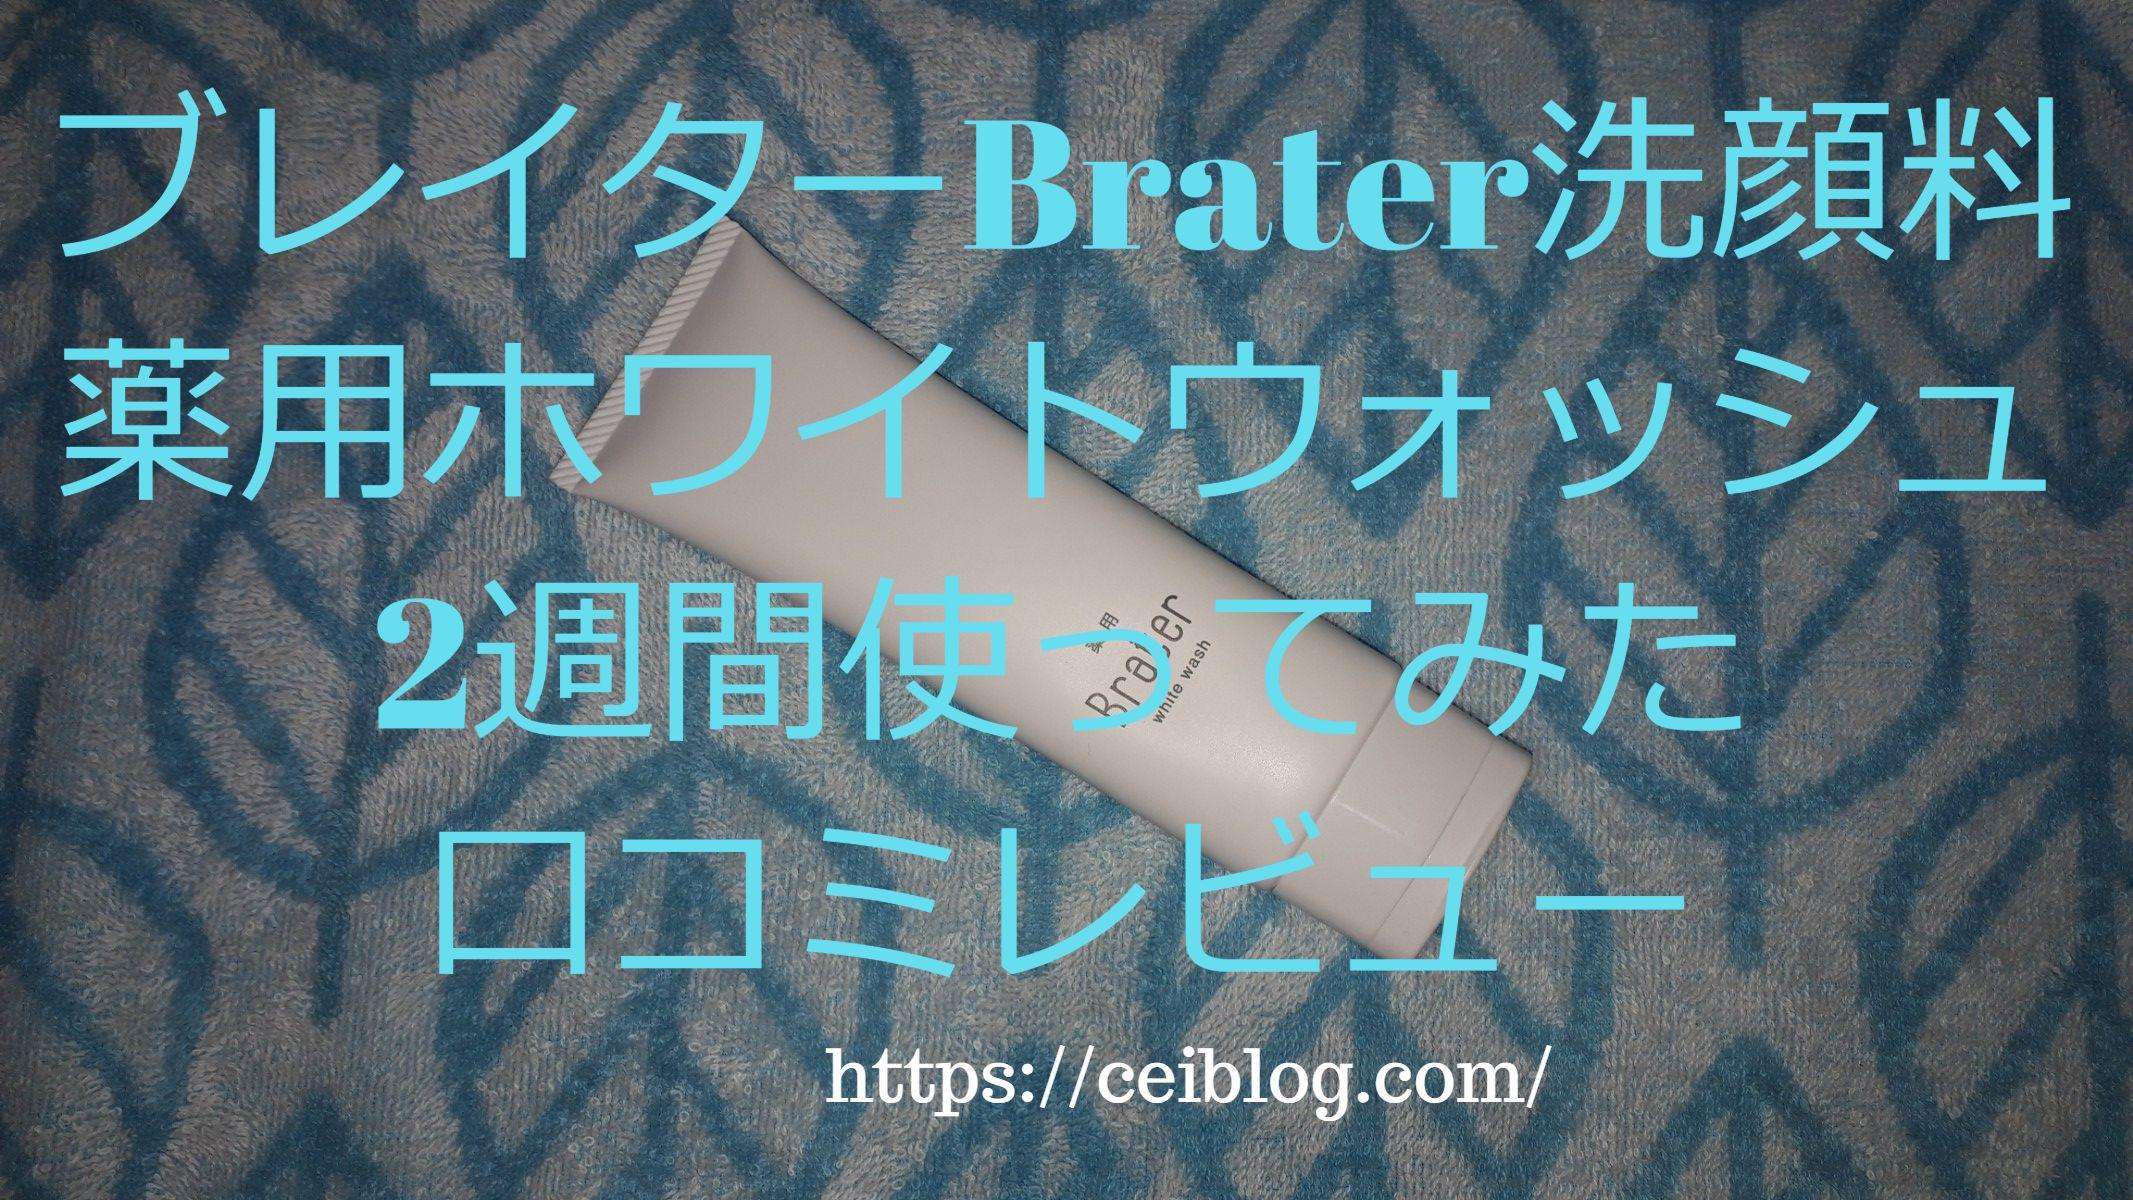 ブレイター洗顔料口コミレビュー薬用ホワイトウォッシュ口コミレビュー